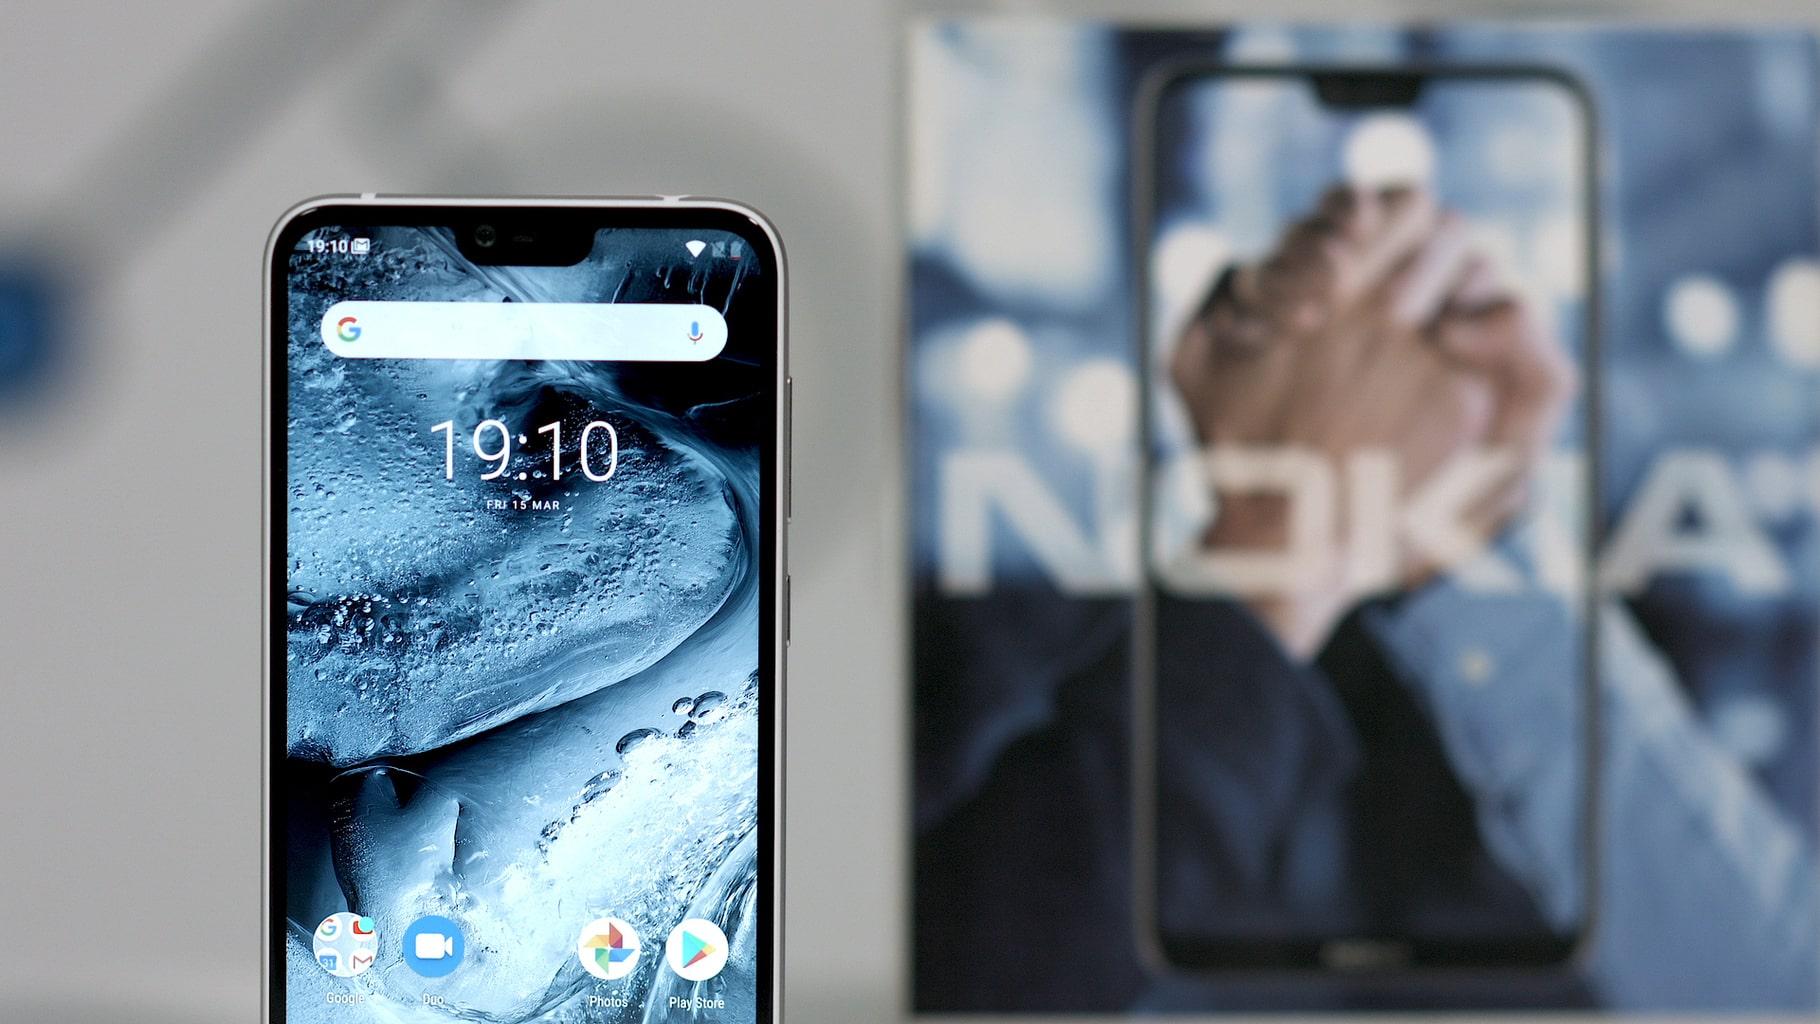 Nokia 6 1 Plus A Review Techcity